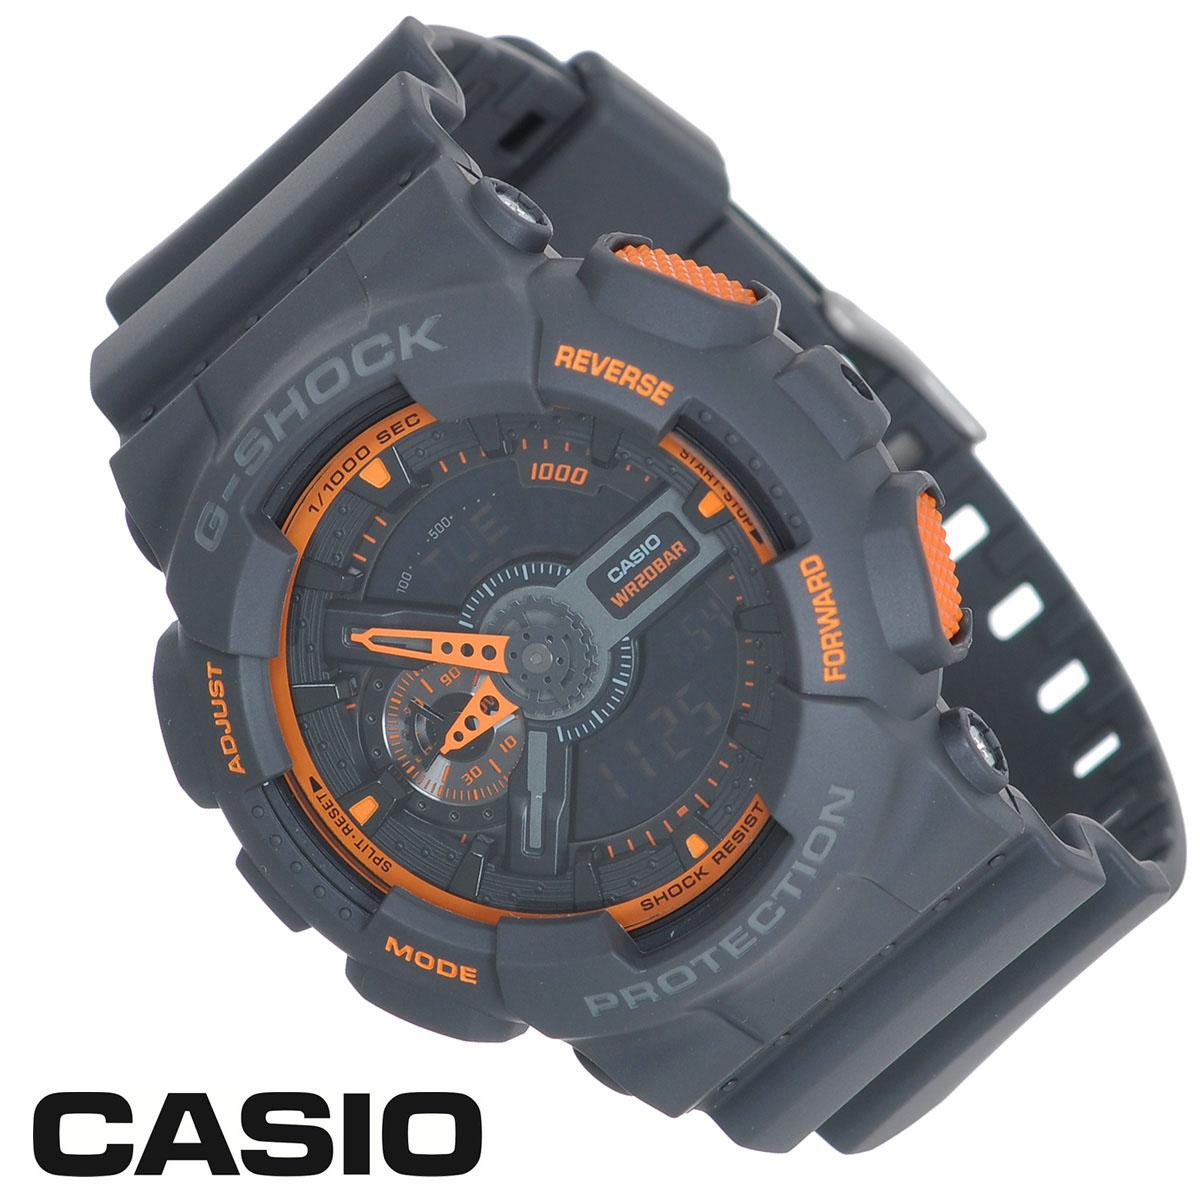 Часы мужские наручные Casio G-Shock, цвет: темно-серый, оранжевый. GA-110TS-1A4 часы наручные casio часы baby g ba 120tr 7b